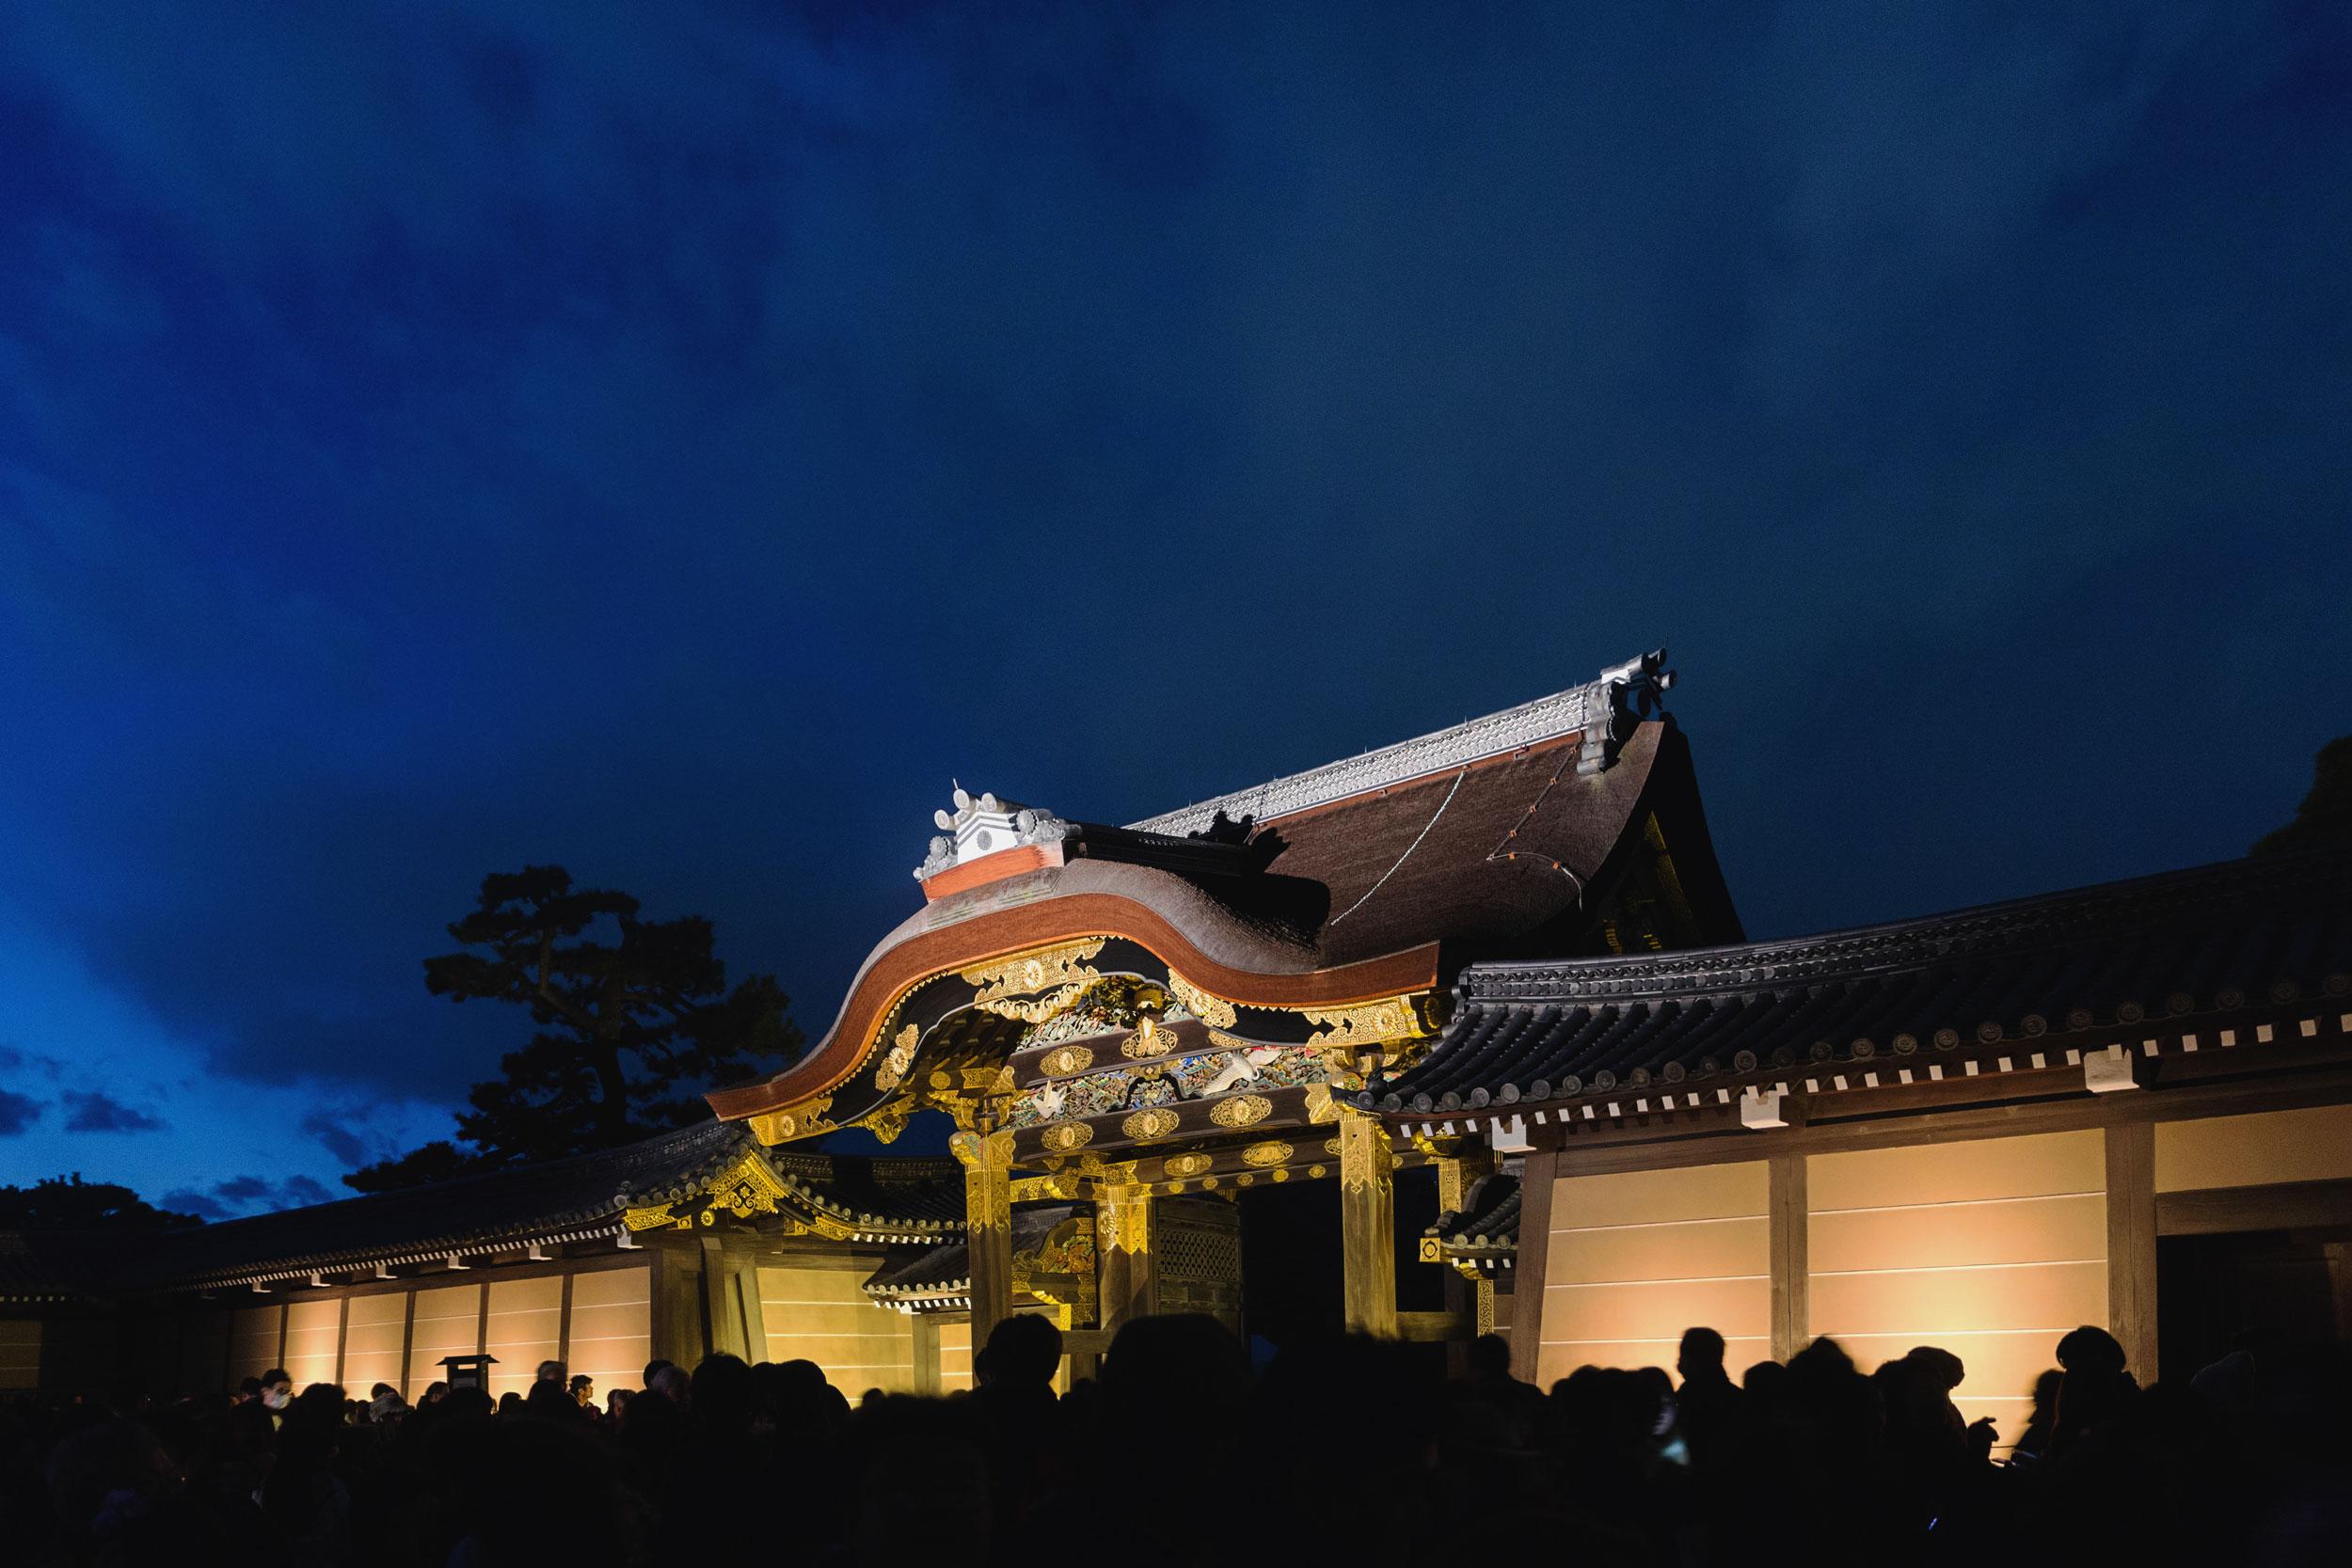 Nijo castle in Kyoto at night